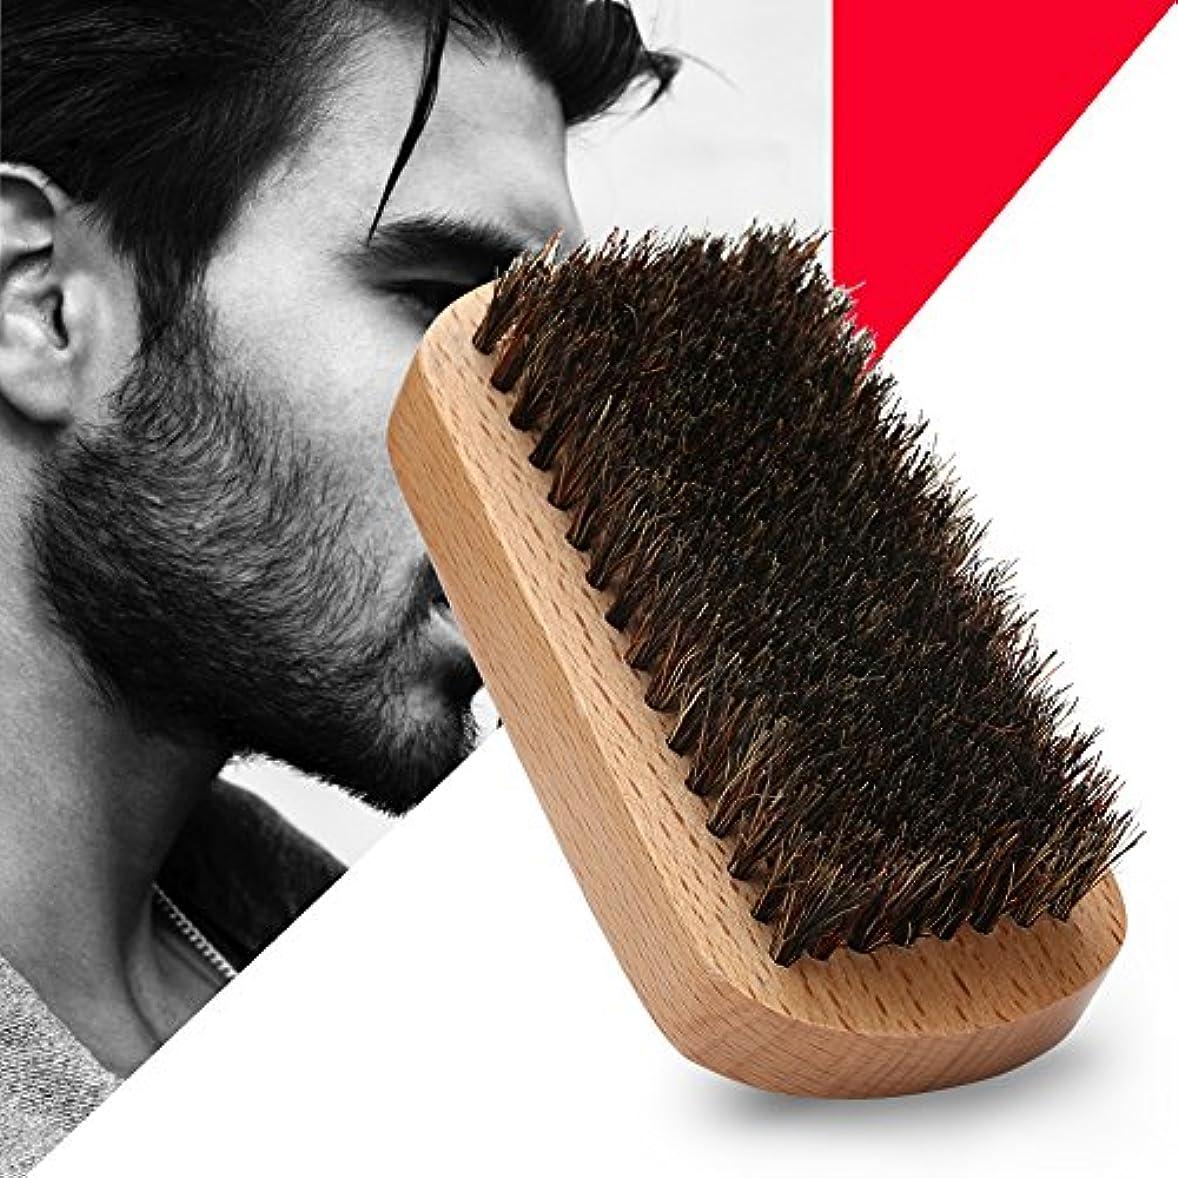 軽蔑暗くするマトリックスシェービングブラシ メンズ ウッド 豚剛毛 クリーニング 髭剃り 泡立ち 洗顔ブラシ メンズ ブラック 長方形